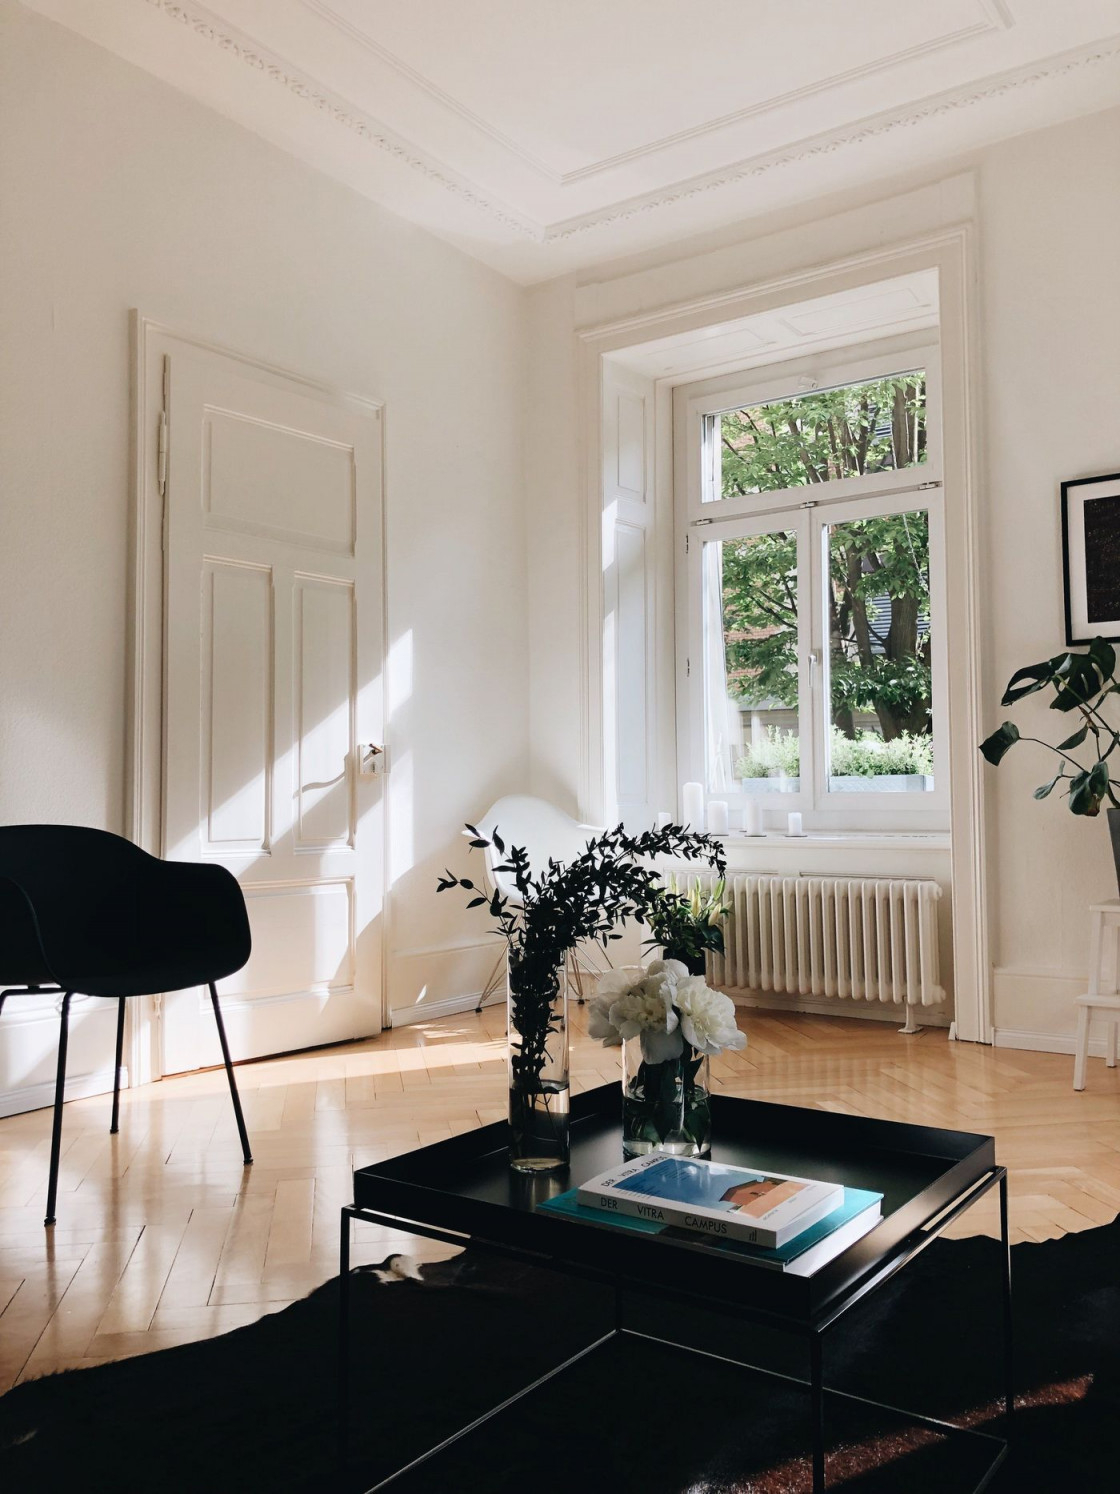 Das Kuhfell Als Dekoidee Und Teppich von Kuhfell Teppich Wohnzimmer Bild